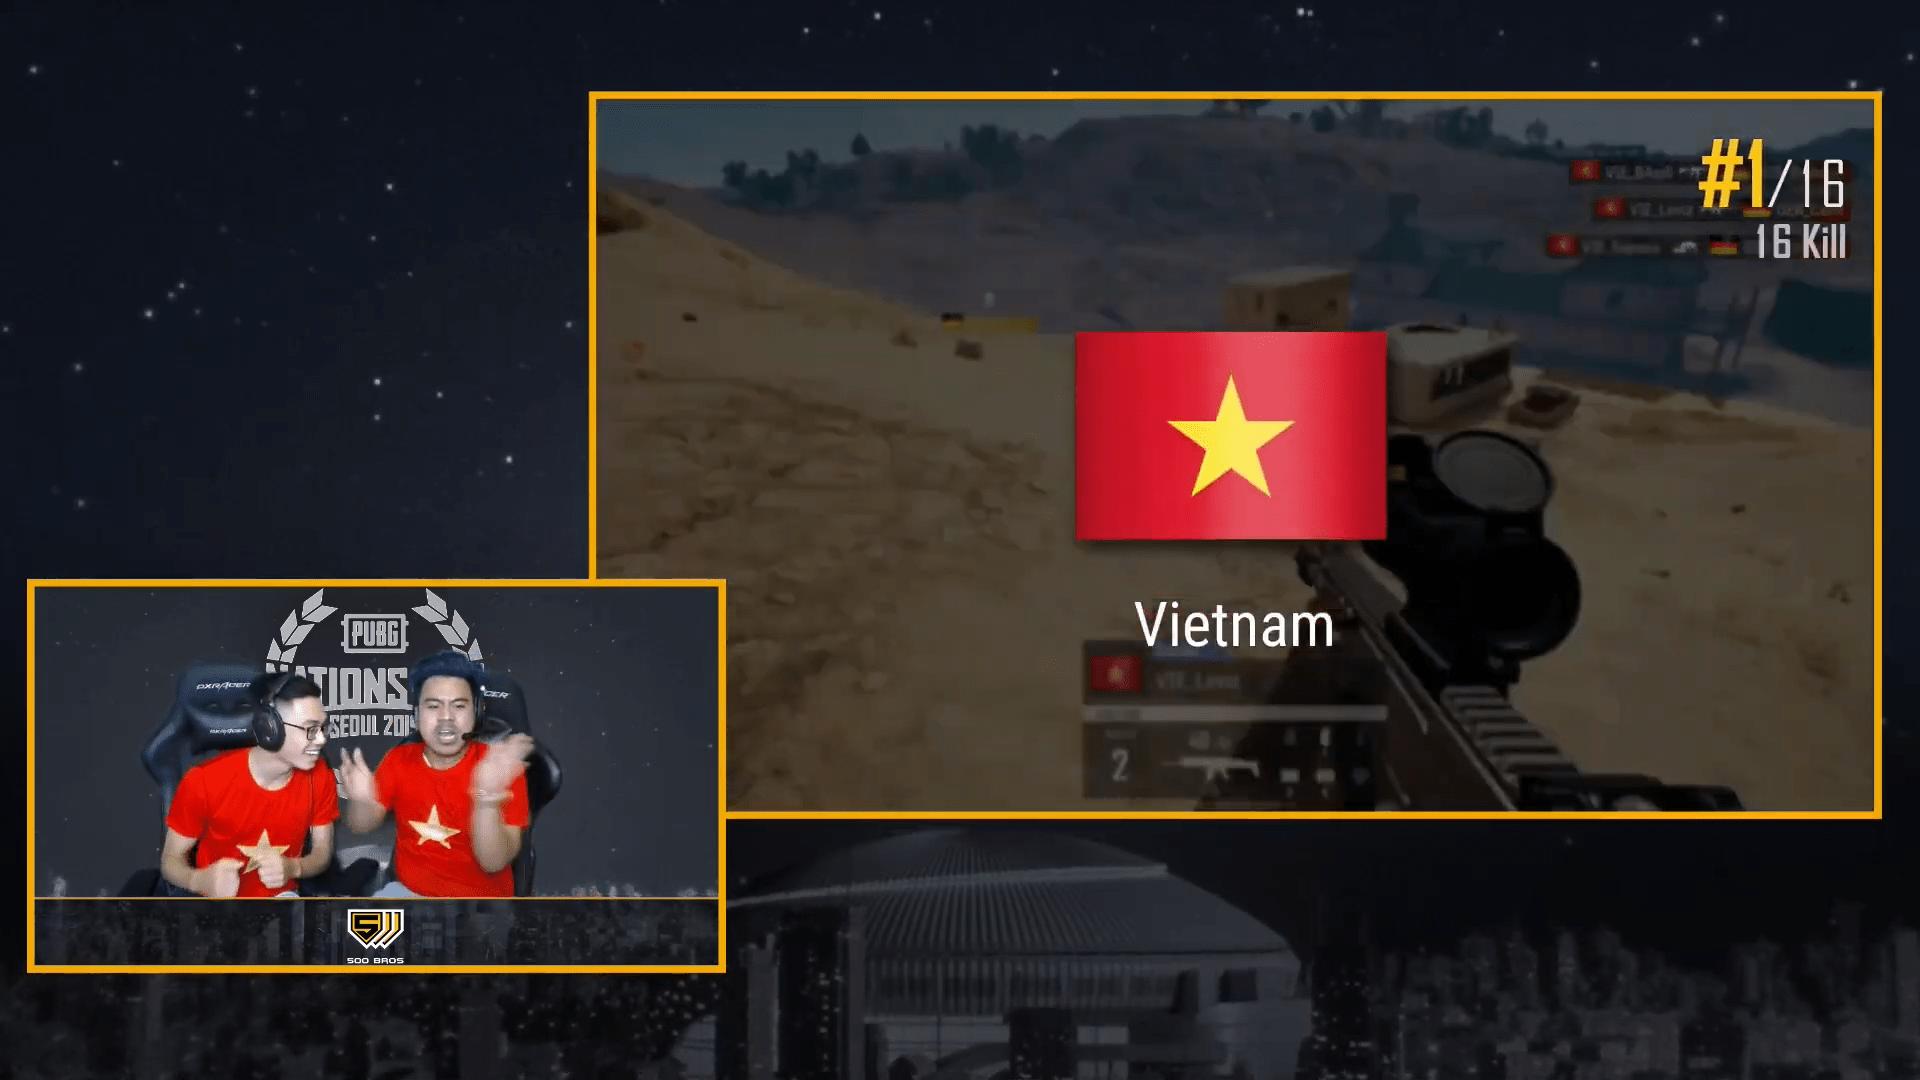 [PUBG] Đội tuyển Việt Nam giành top 1 ngay trong map đấu đầu tiên tại PUBG Nations Cup.